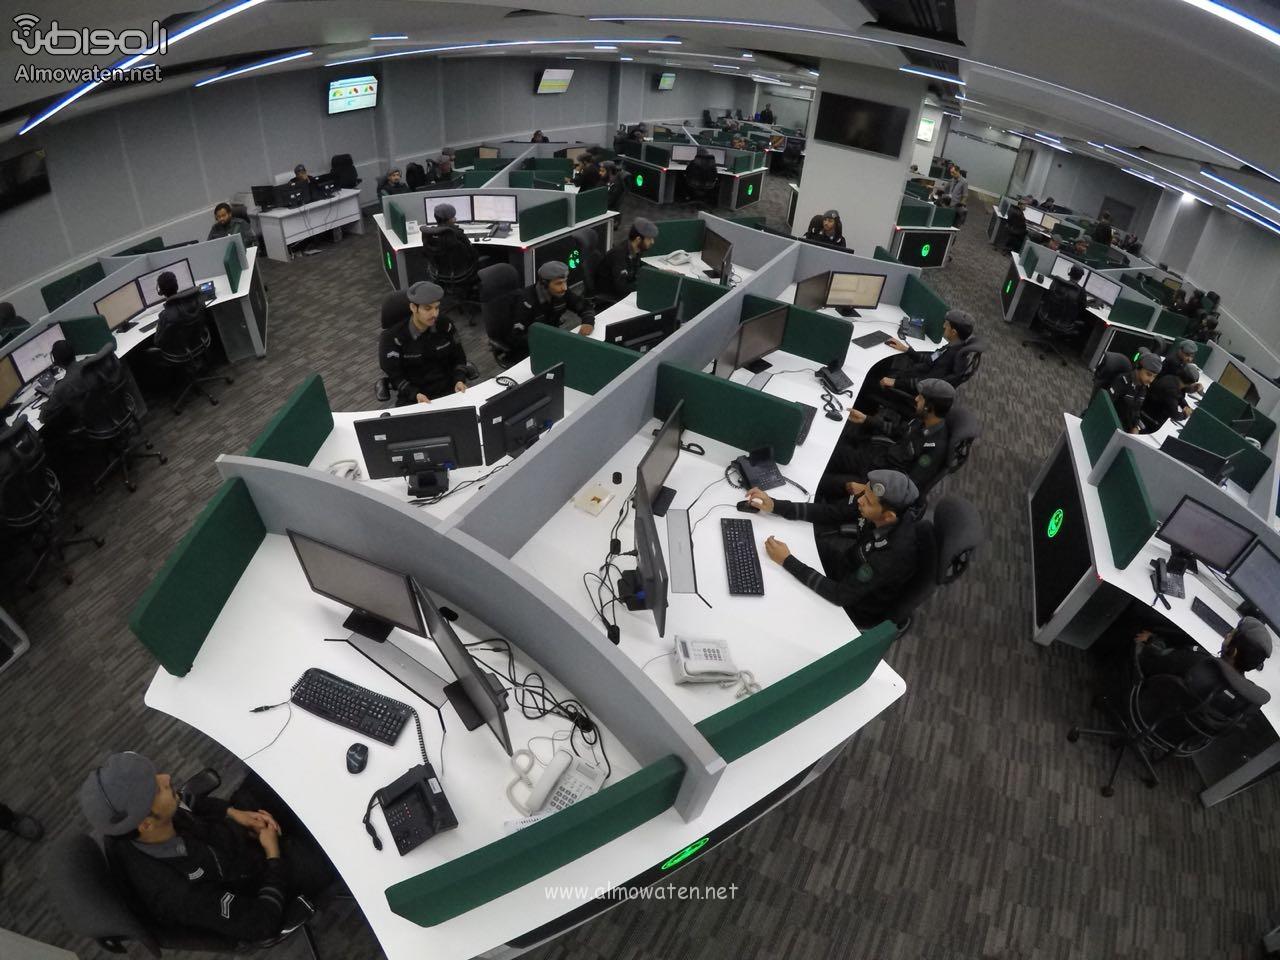 مركز العمليات الأمنية 911 565